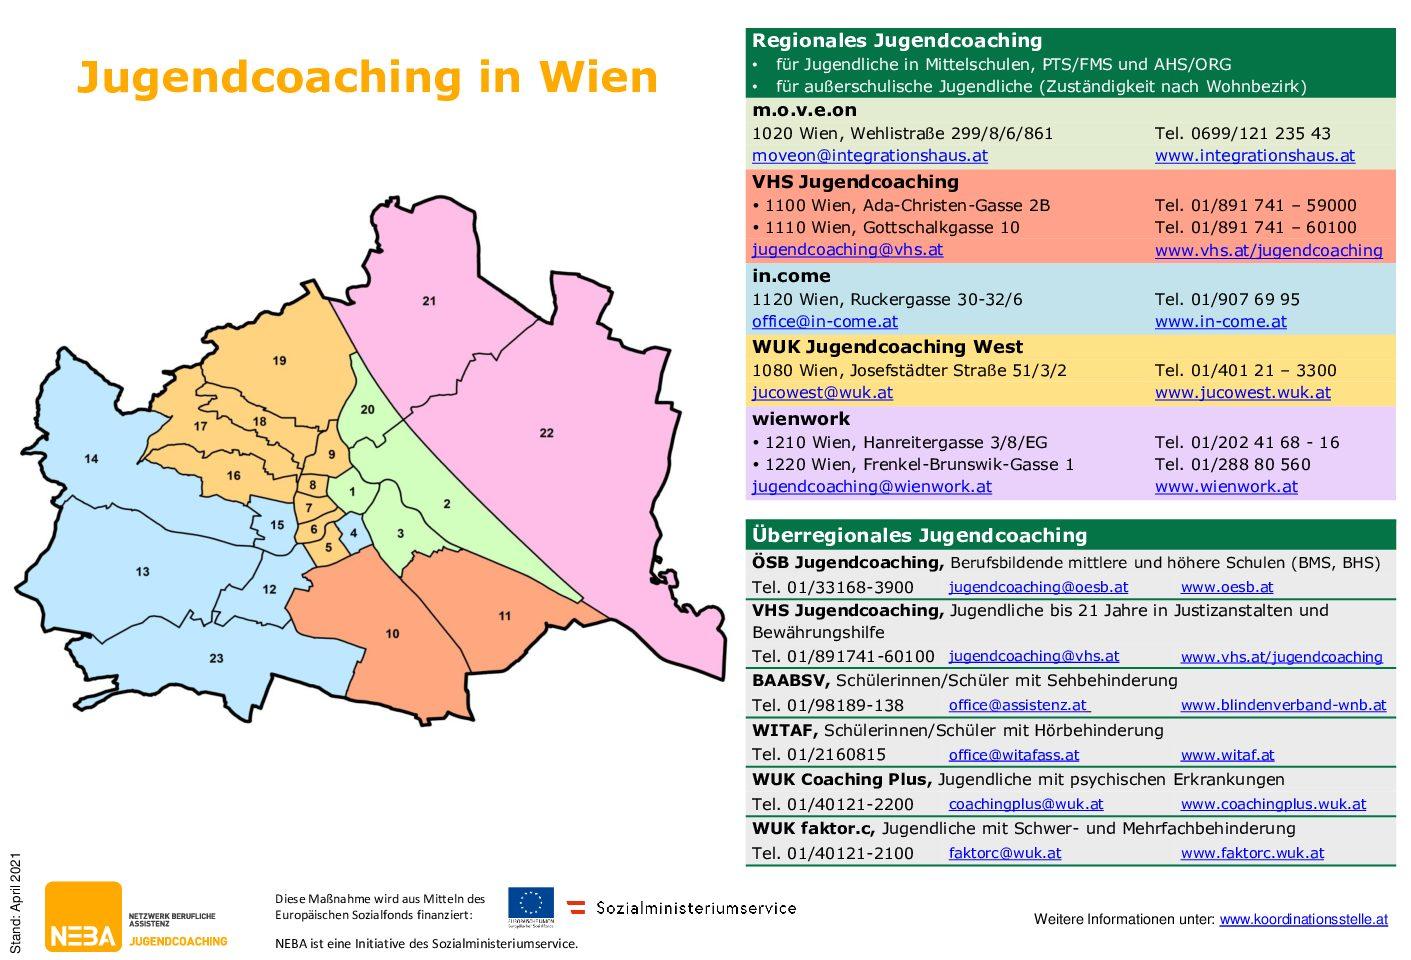 Jugendcoaching in Wien